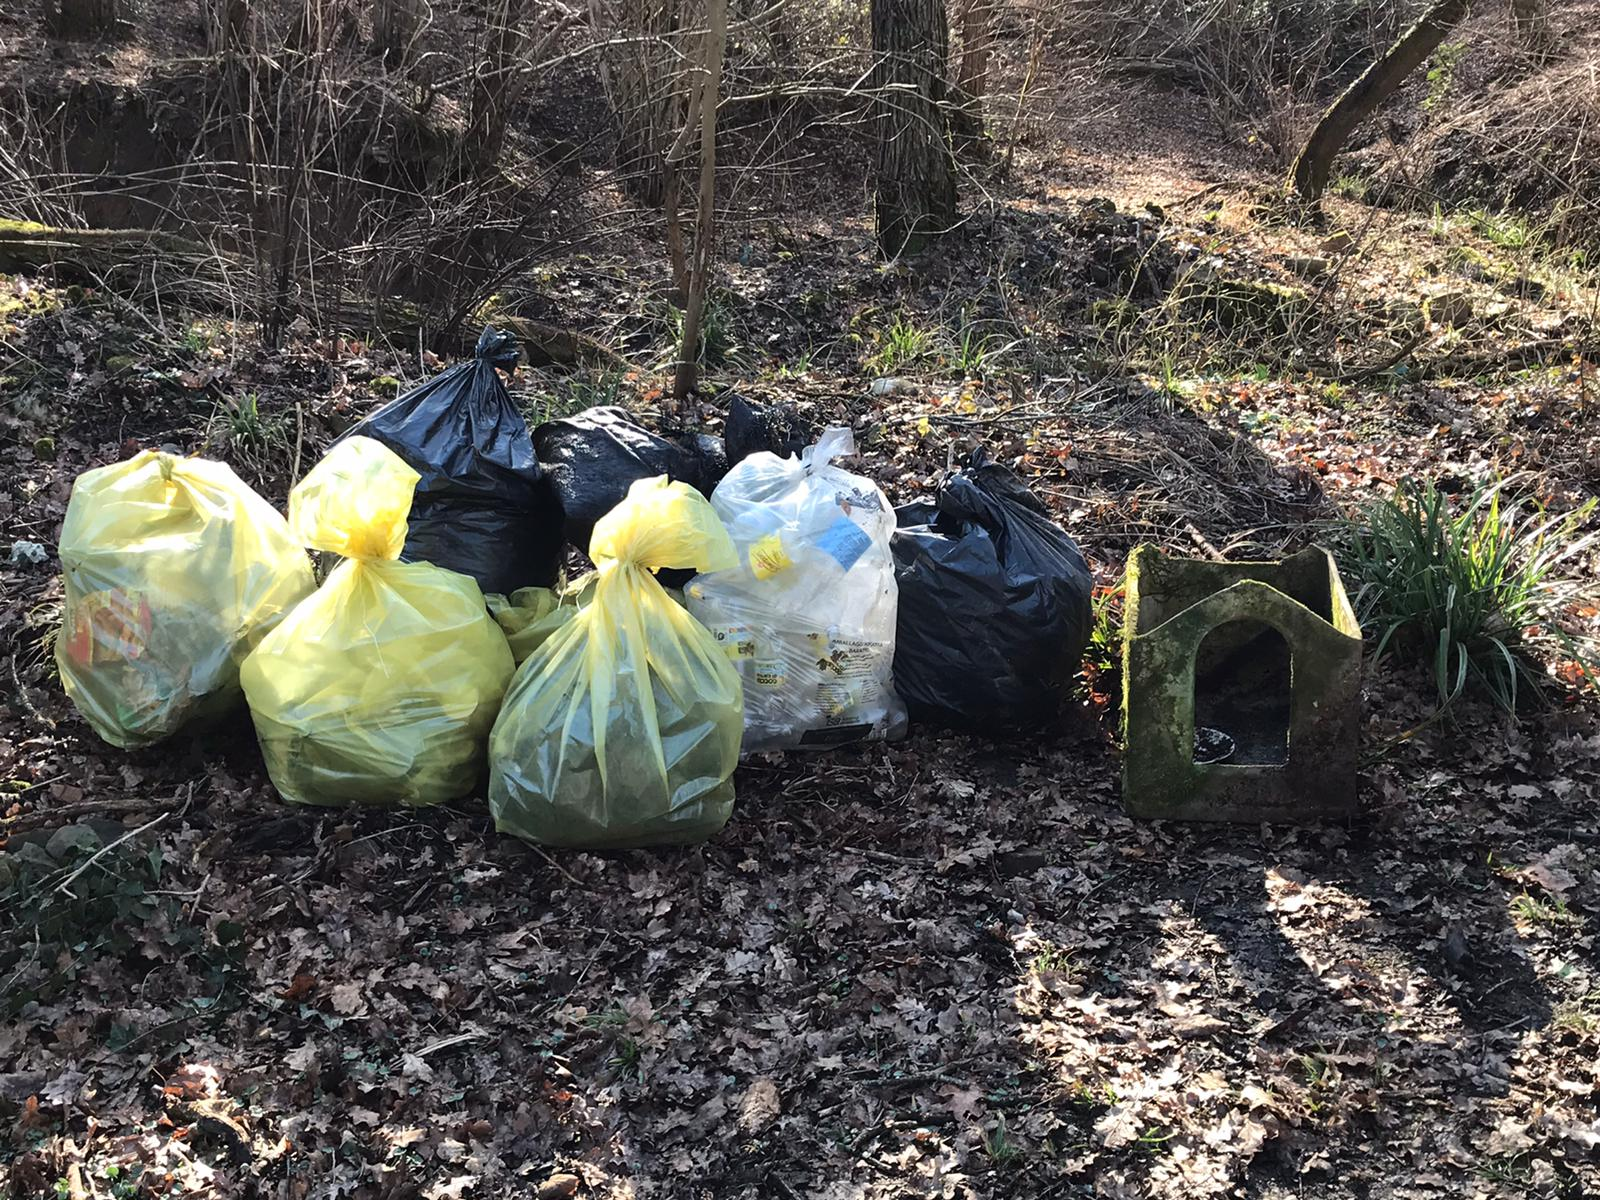 tutti i rifiuti raccolti monte calvario gorizia